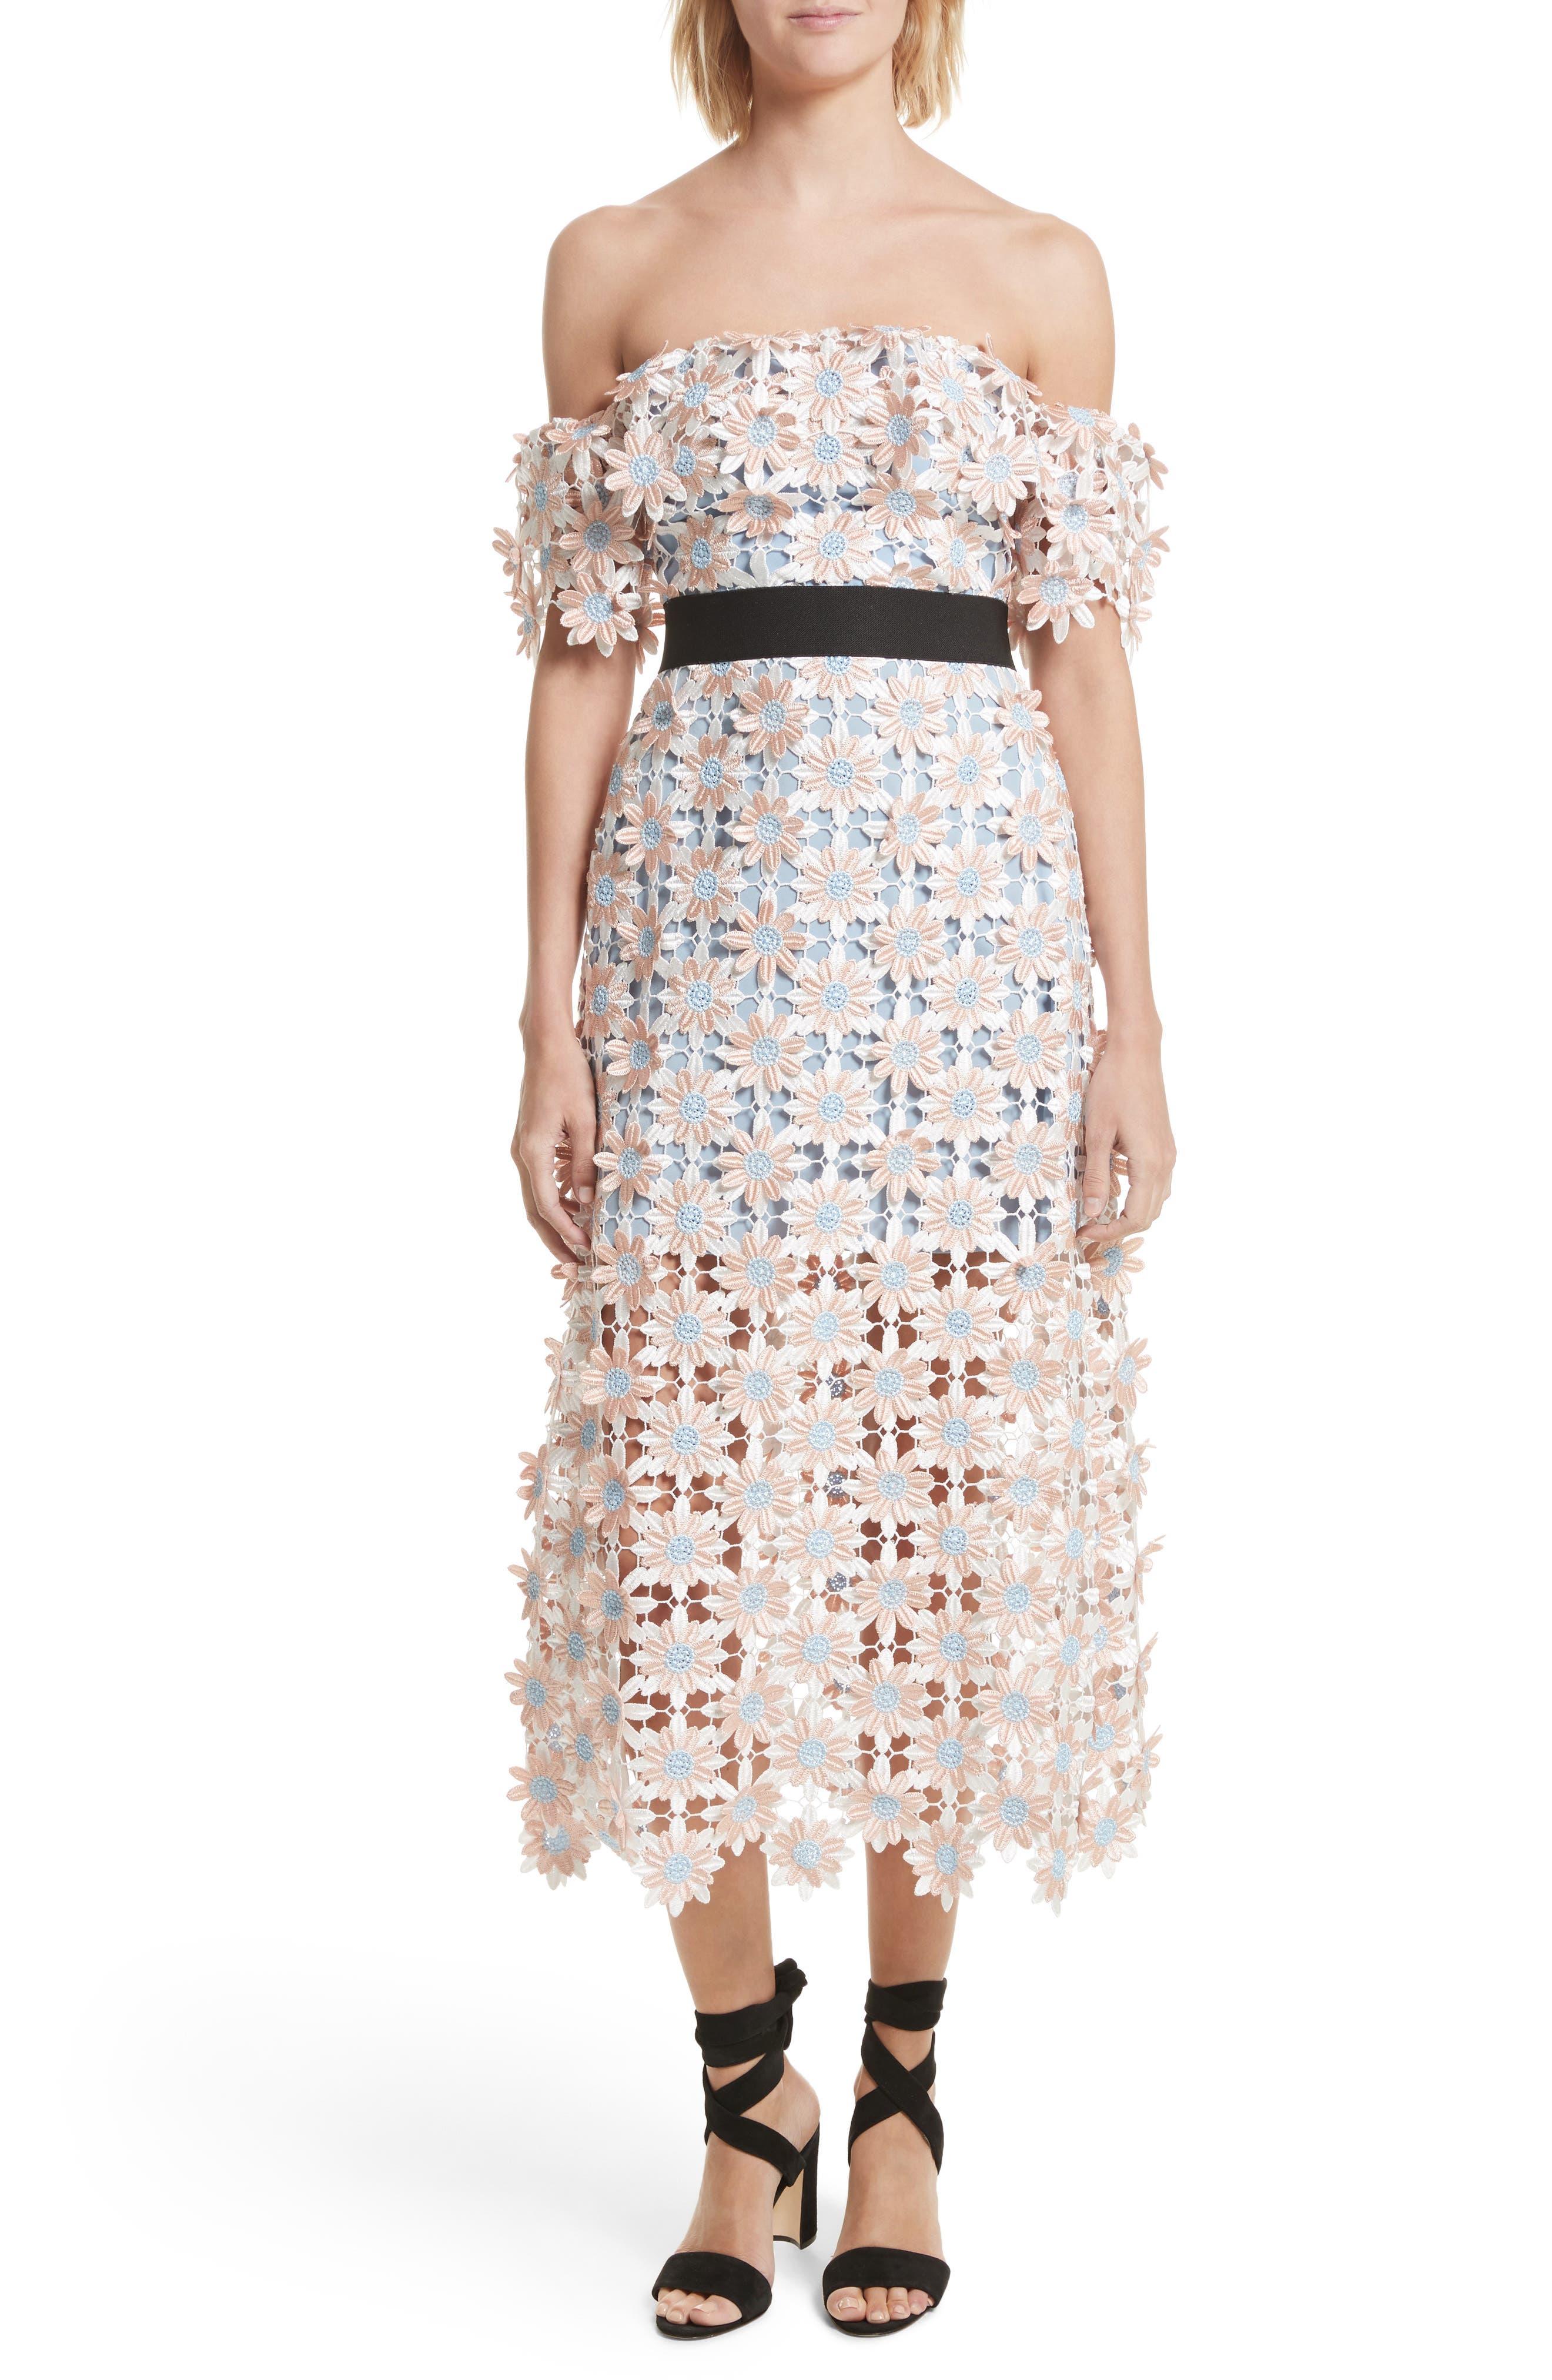 Main Image - Self-Portrait 3D Floral Lace Off the Shoulder Midi Dress